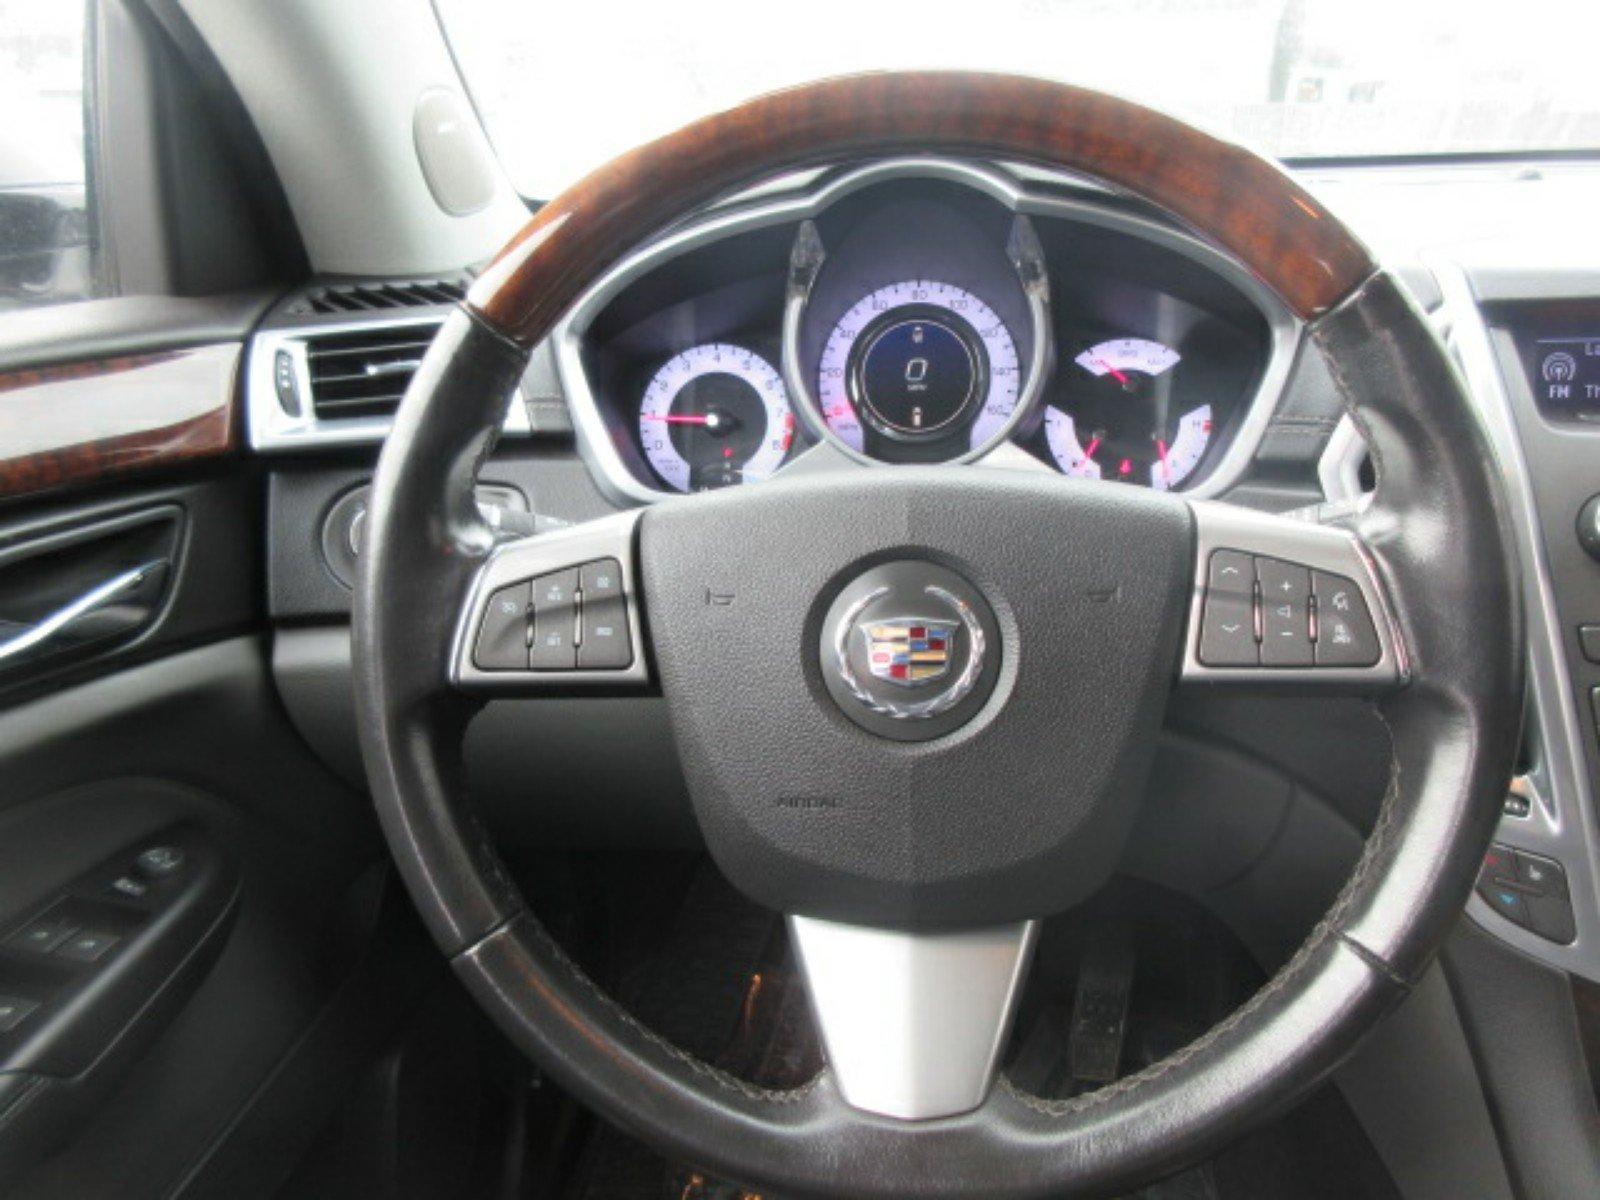 Used 2010 Cadillac SRX For Sale   Paw Paw MI  Stock #:9085